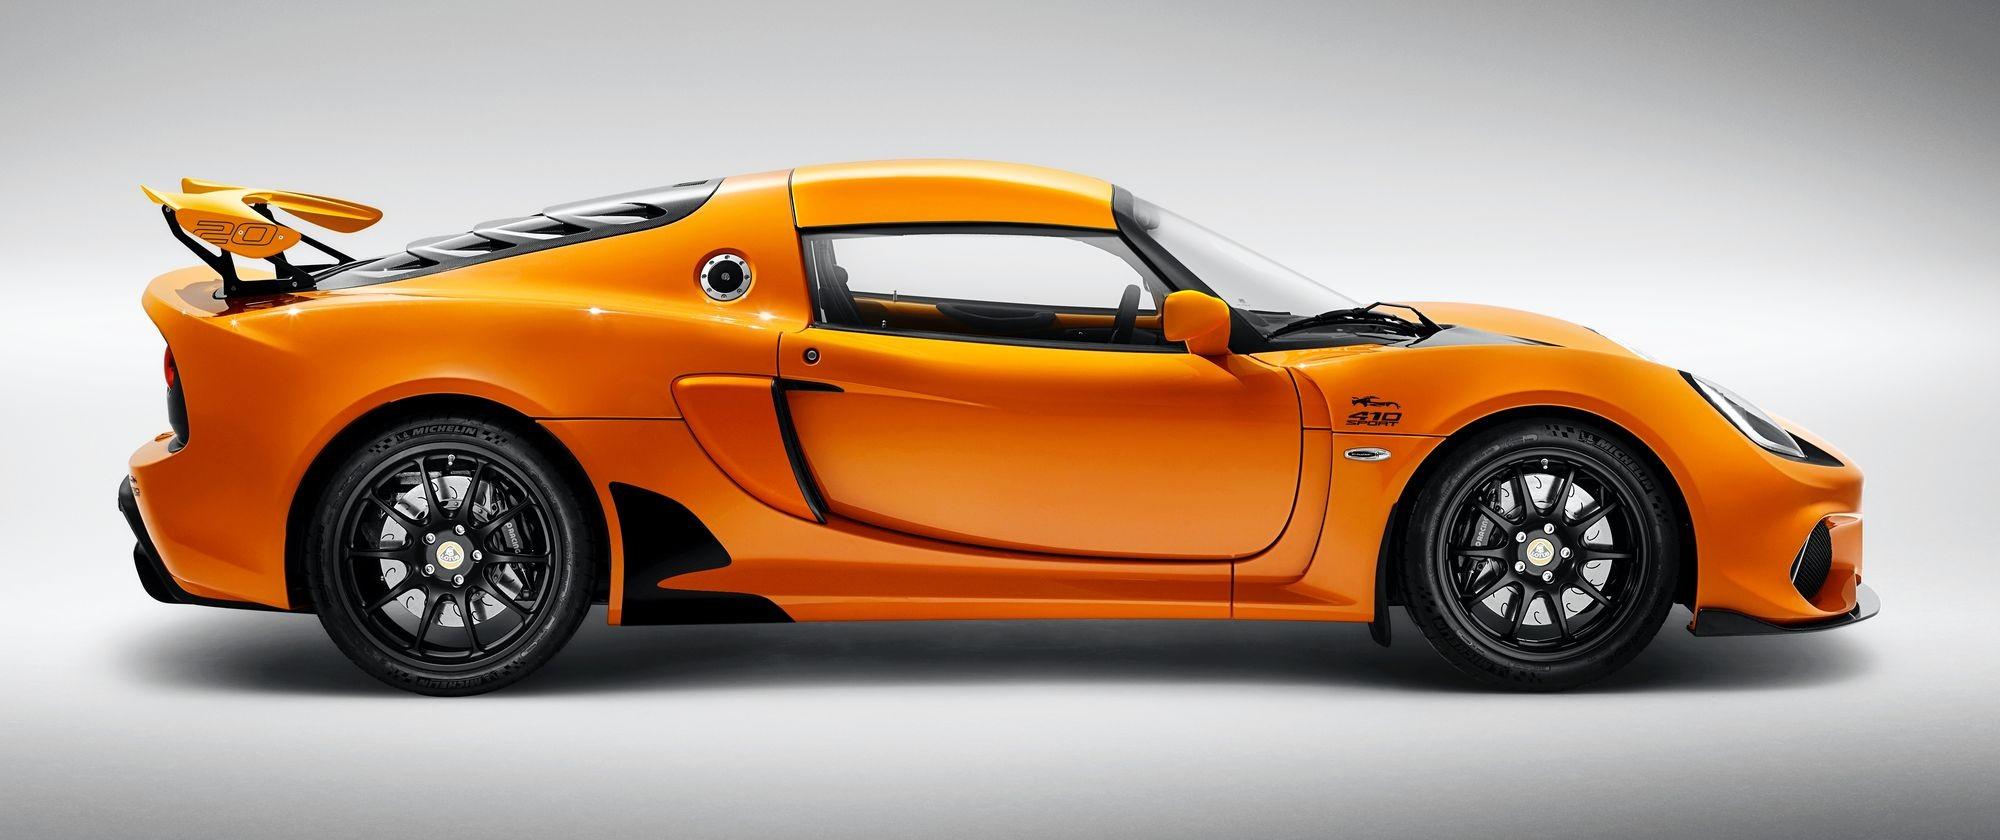 Бешеное «корытце»: Lotus представил юбилейный Exige для автогурманов